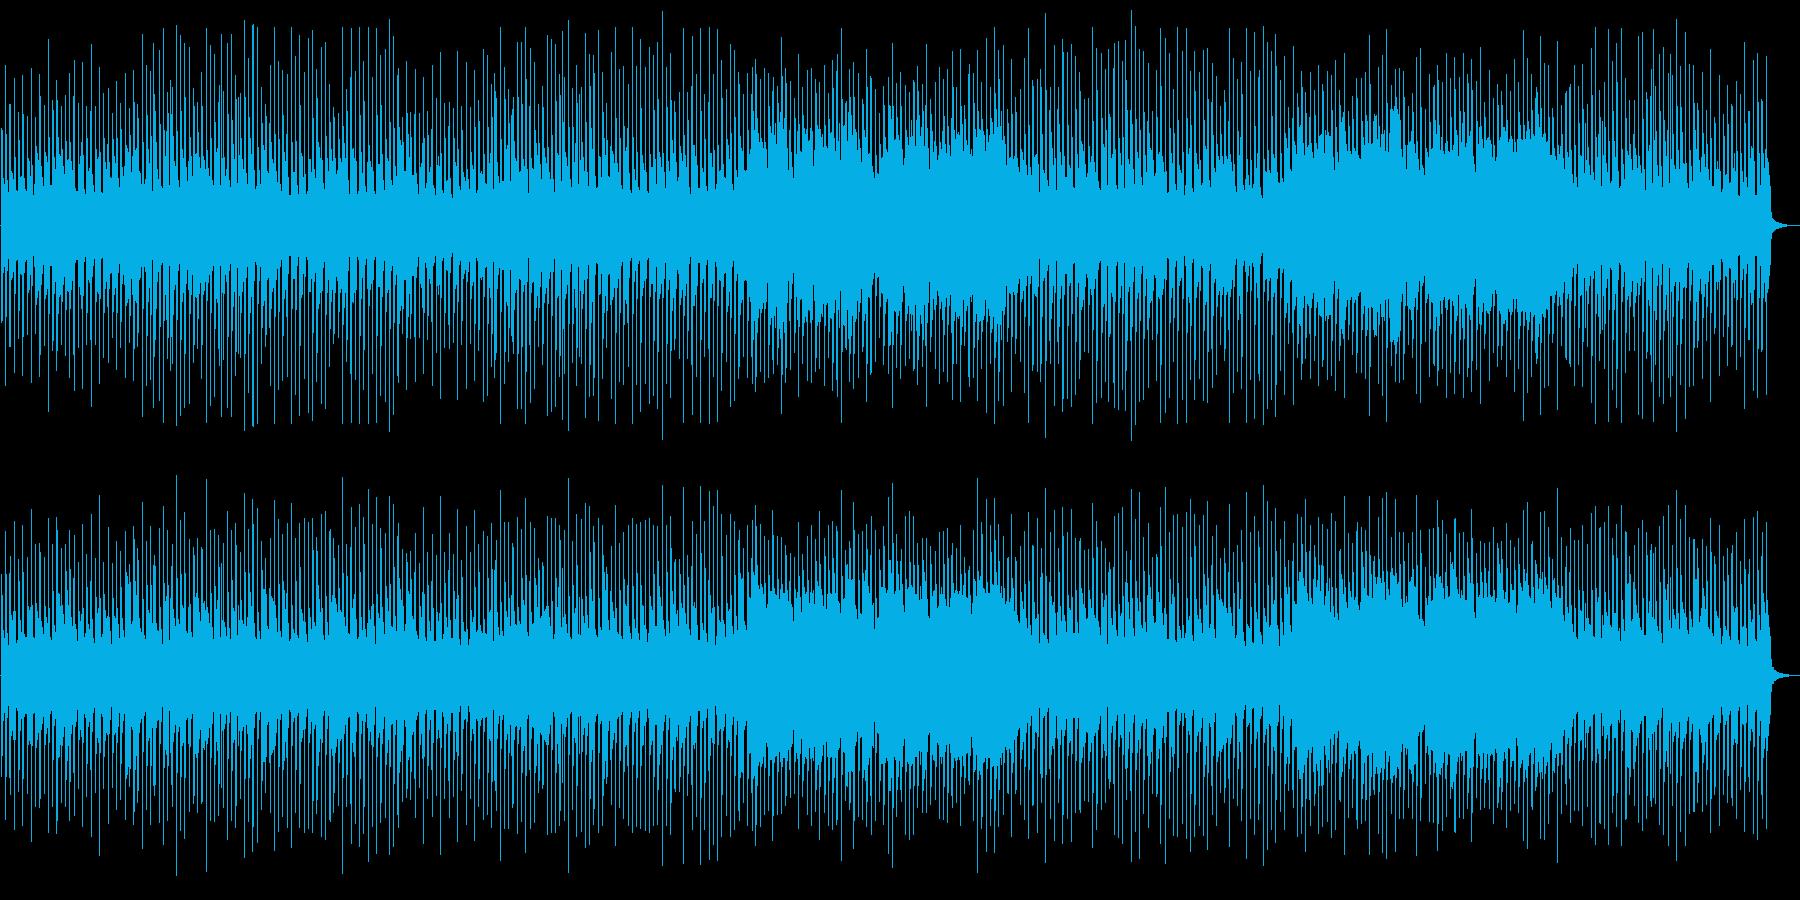 とっても明るいポップでかわいい曲の再生済みの波形